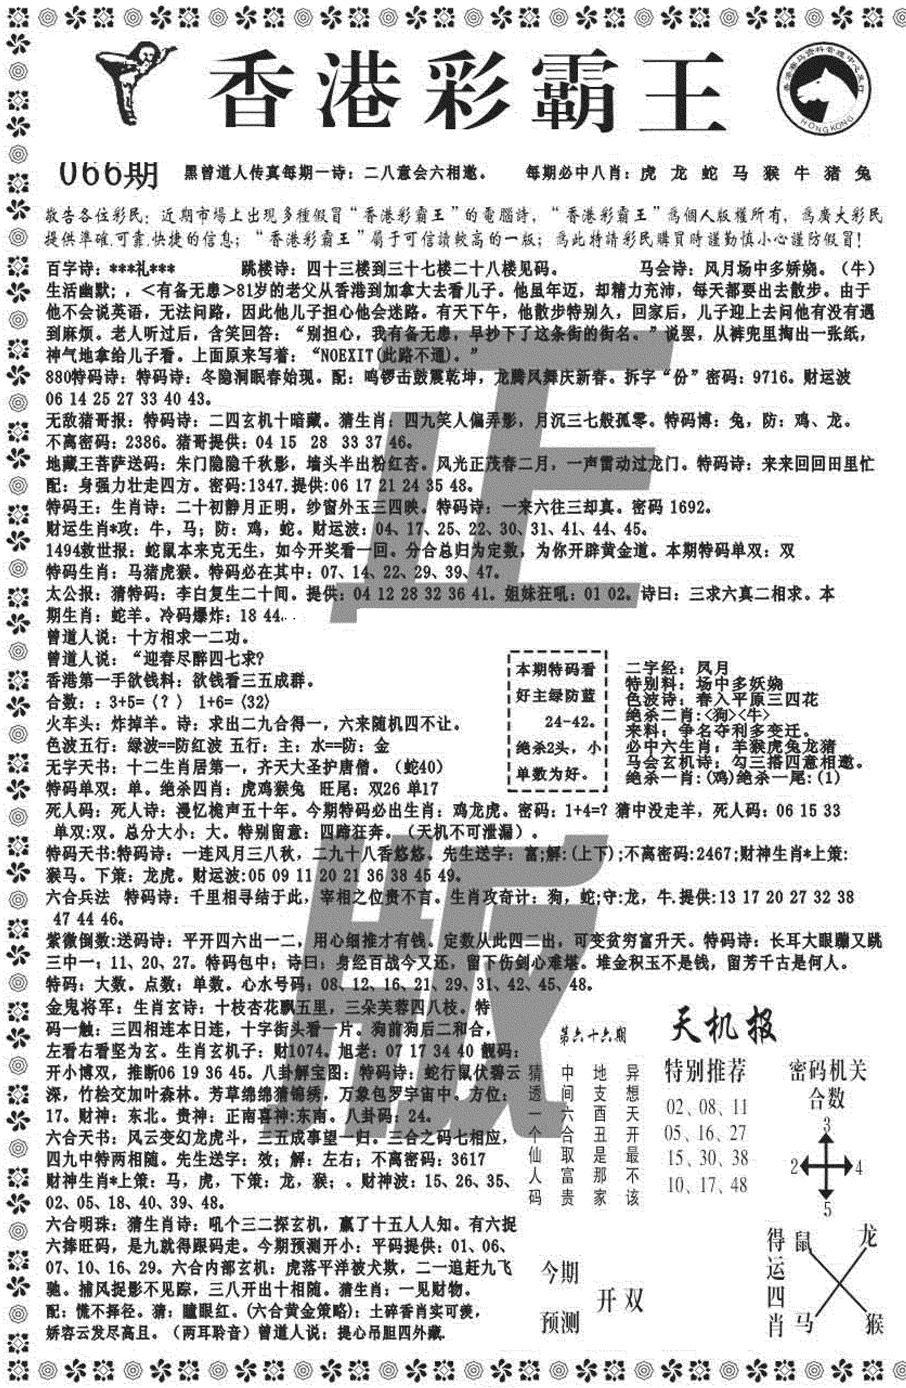 066期新彩霸王综合A(黑白)